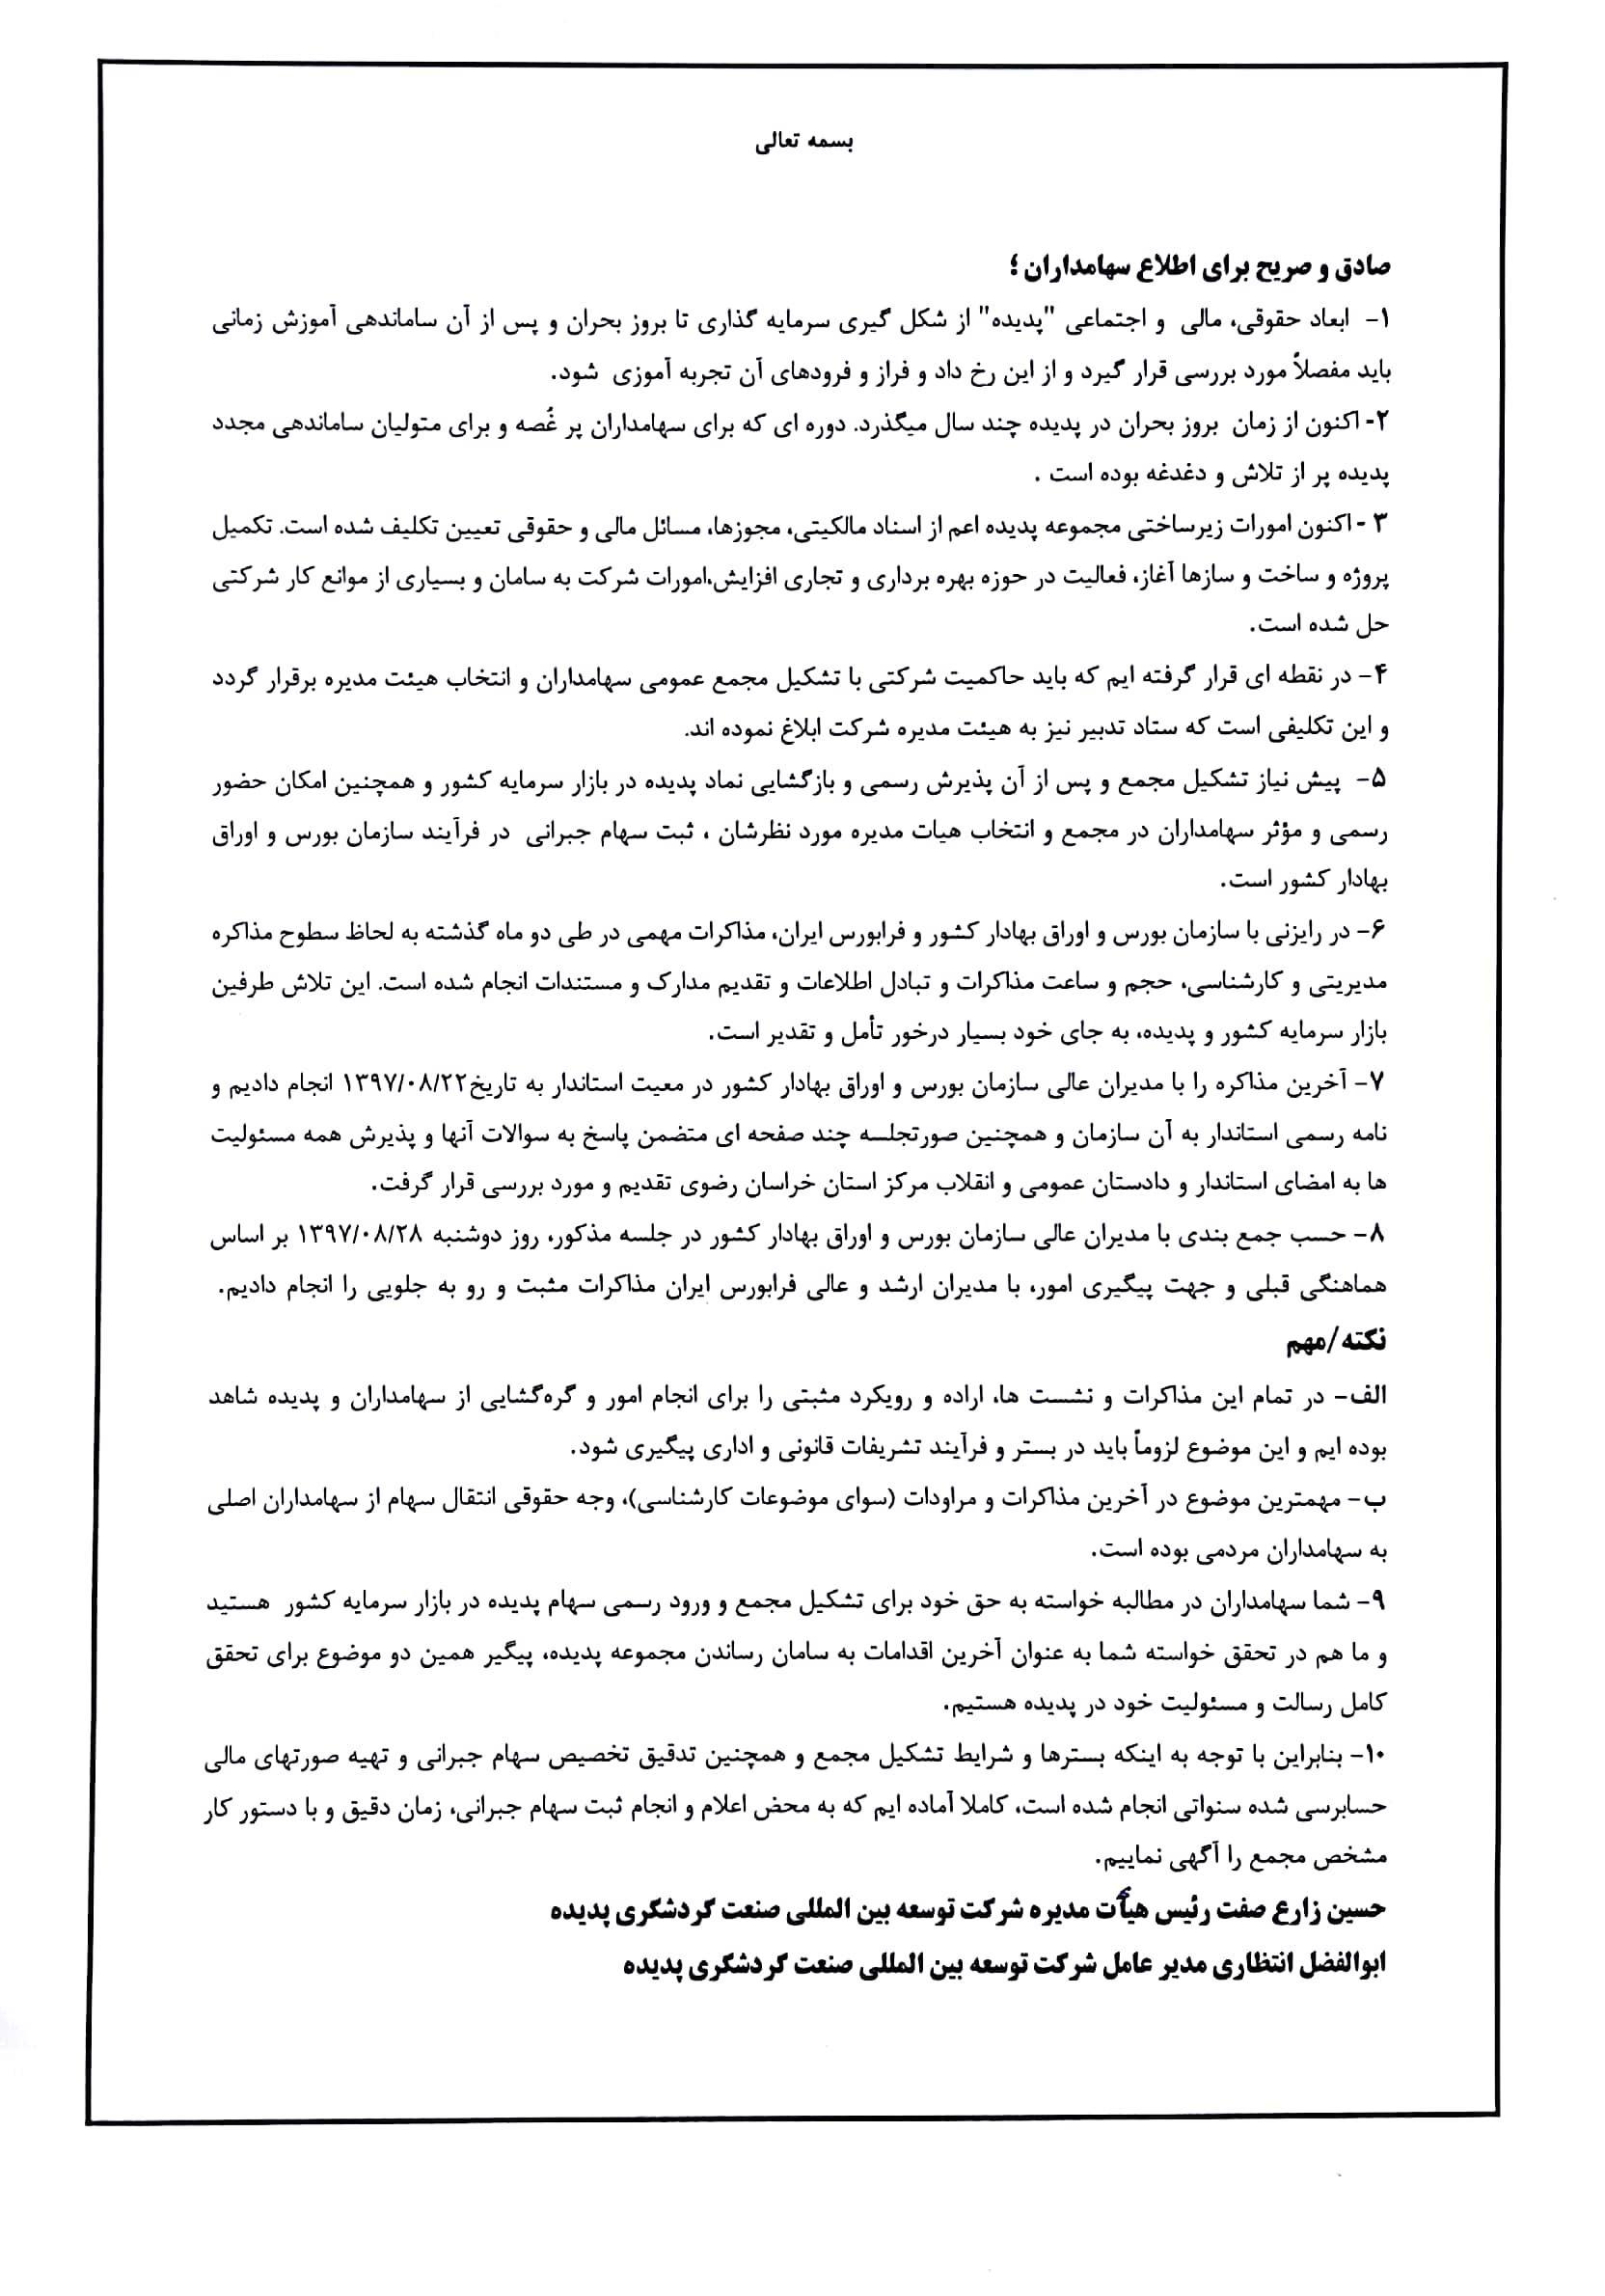 بیانیه رئیس هیئت مدیره و مدیرعامل پدیده در خصوص  آخرین مذاکرات با مدیران سازمان بورس برای تخصیص سهام جبرانی و برگزاری مجمع عمومی سهامداران